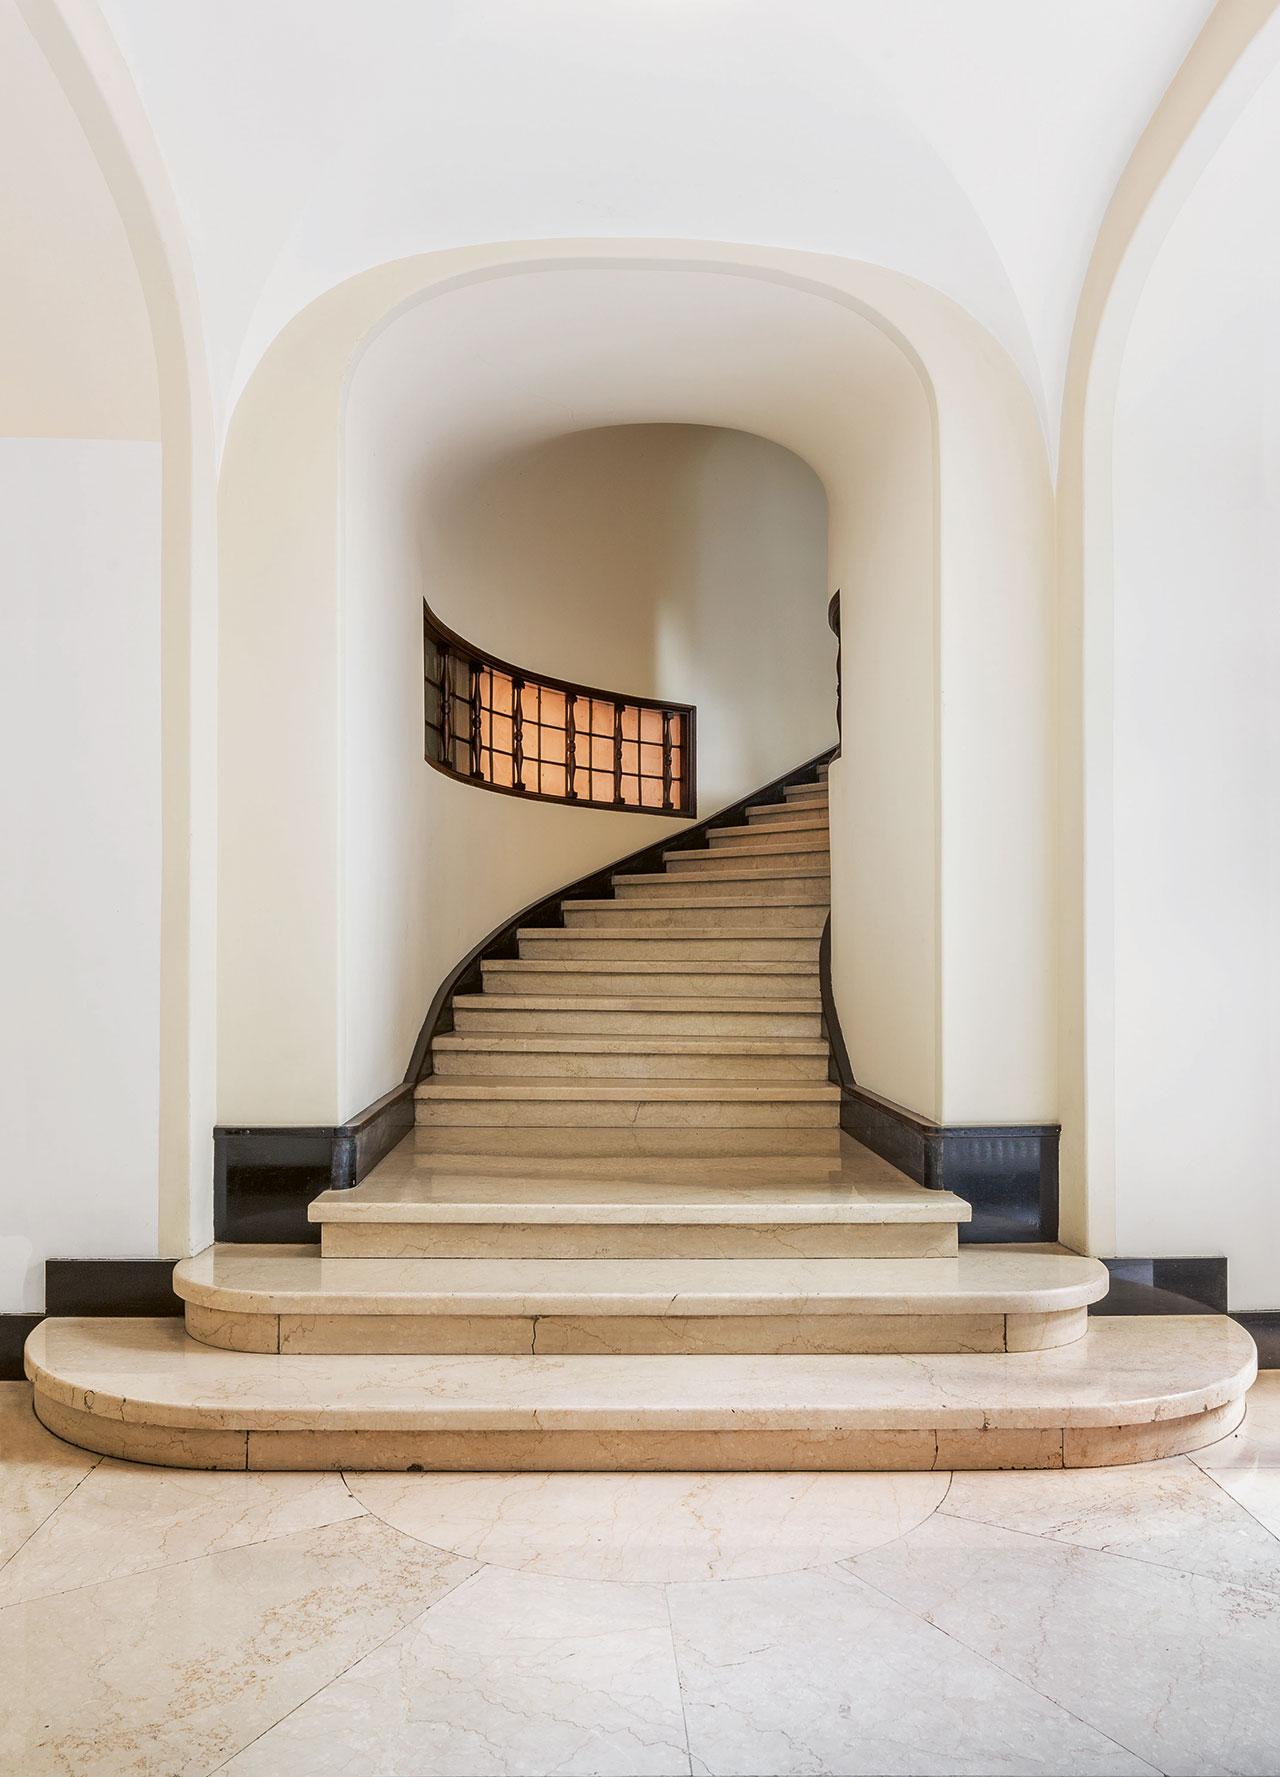 Palazzo Sola-Busca, Aldo Andreani, 1924–30. Stairs: Botticino limestone. Photo© Delfino Sisto Legnani.